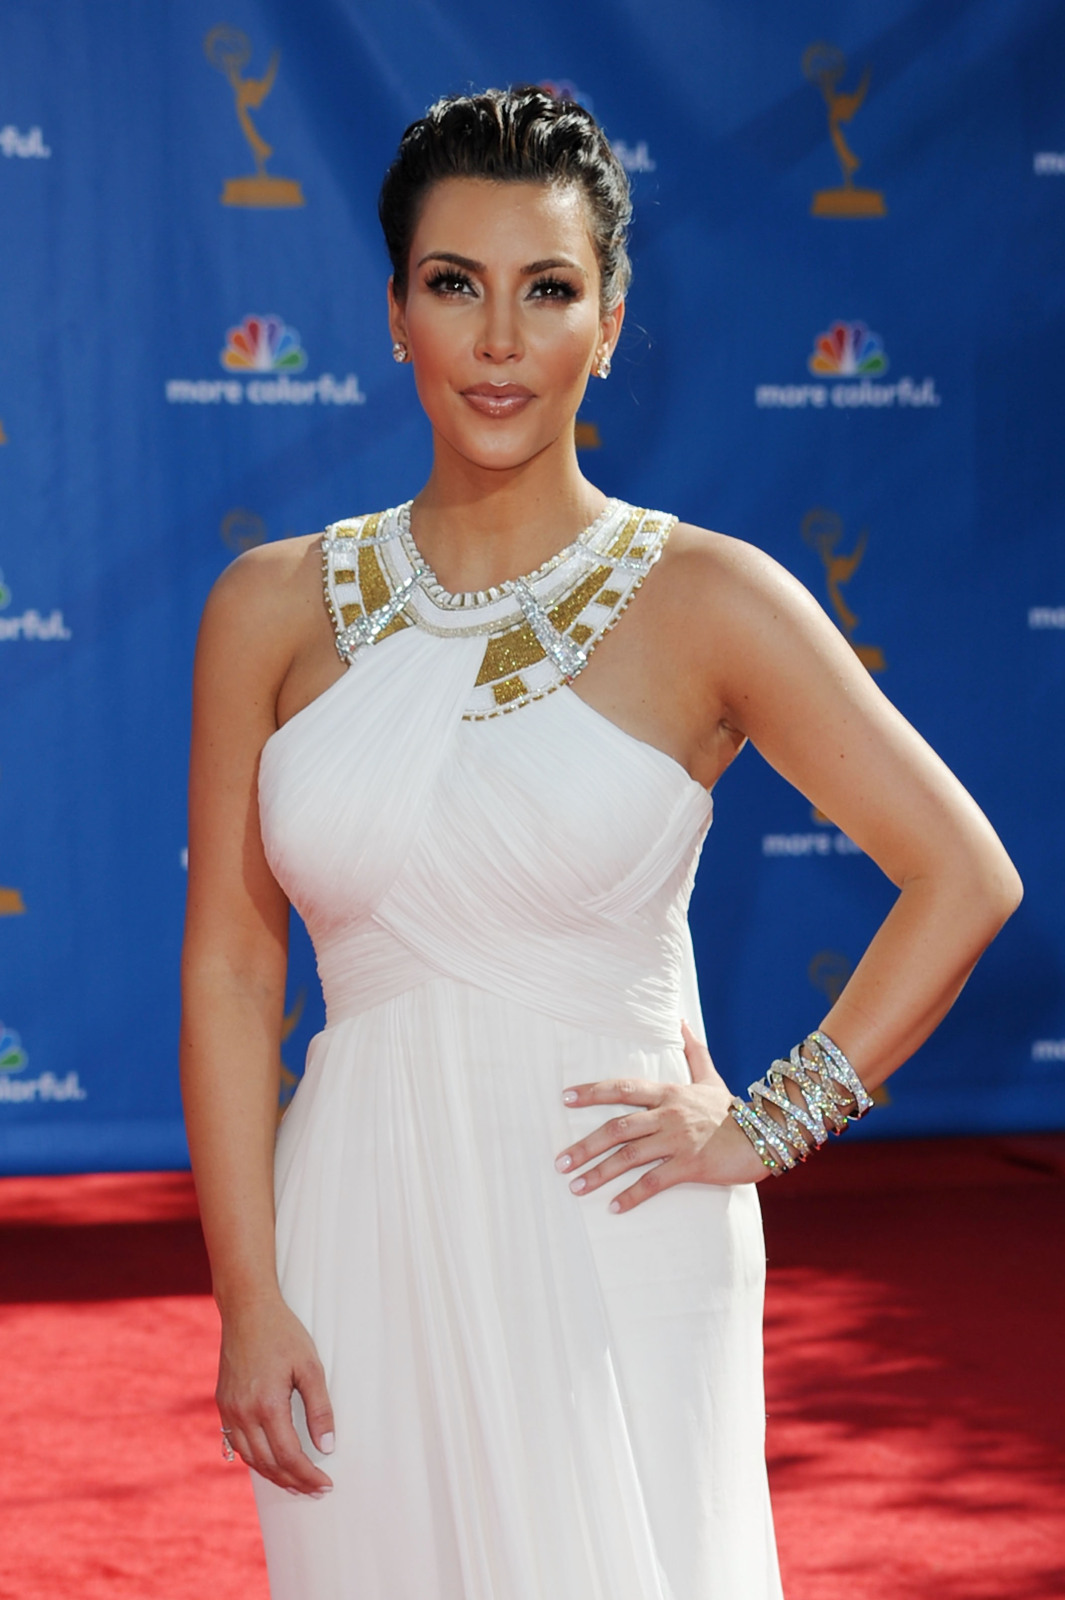 http://1.bp.blogspot.com/_6A8j2EQmANk/THuC2nApPiI/AAAAAAAAKHI/3C7em0wgtlc/s1600/Beauties+In+62nd+Annual+Prime+Time+Emmy+Awards9.jpg